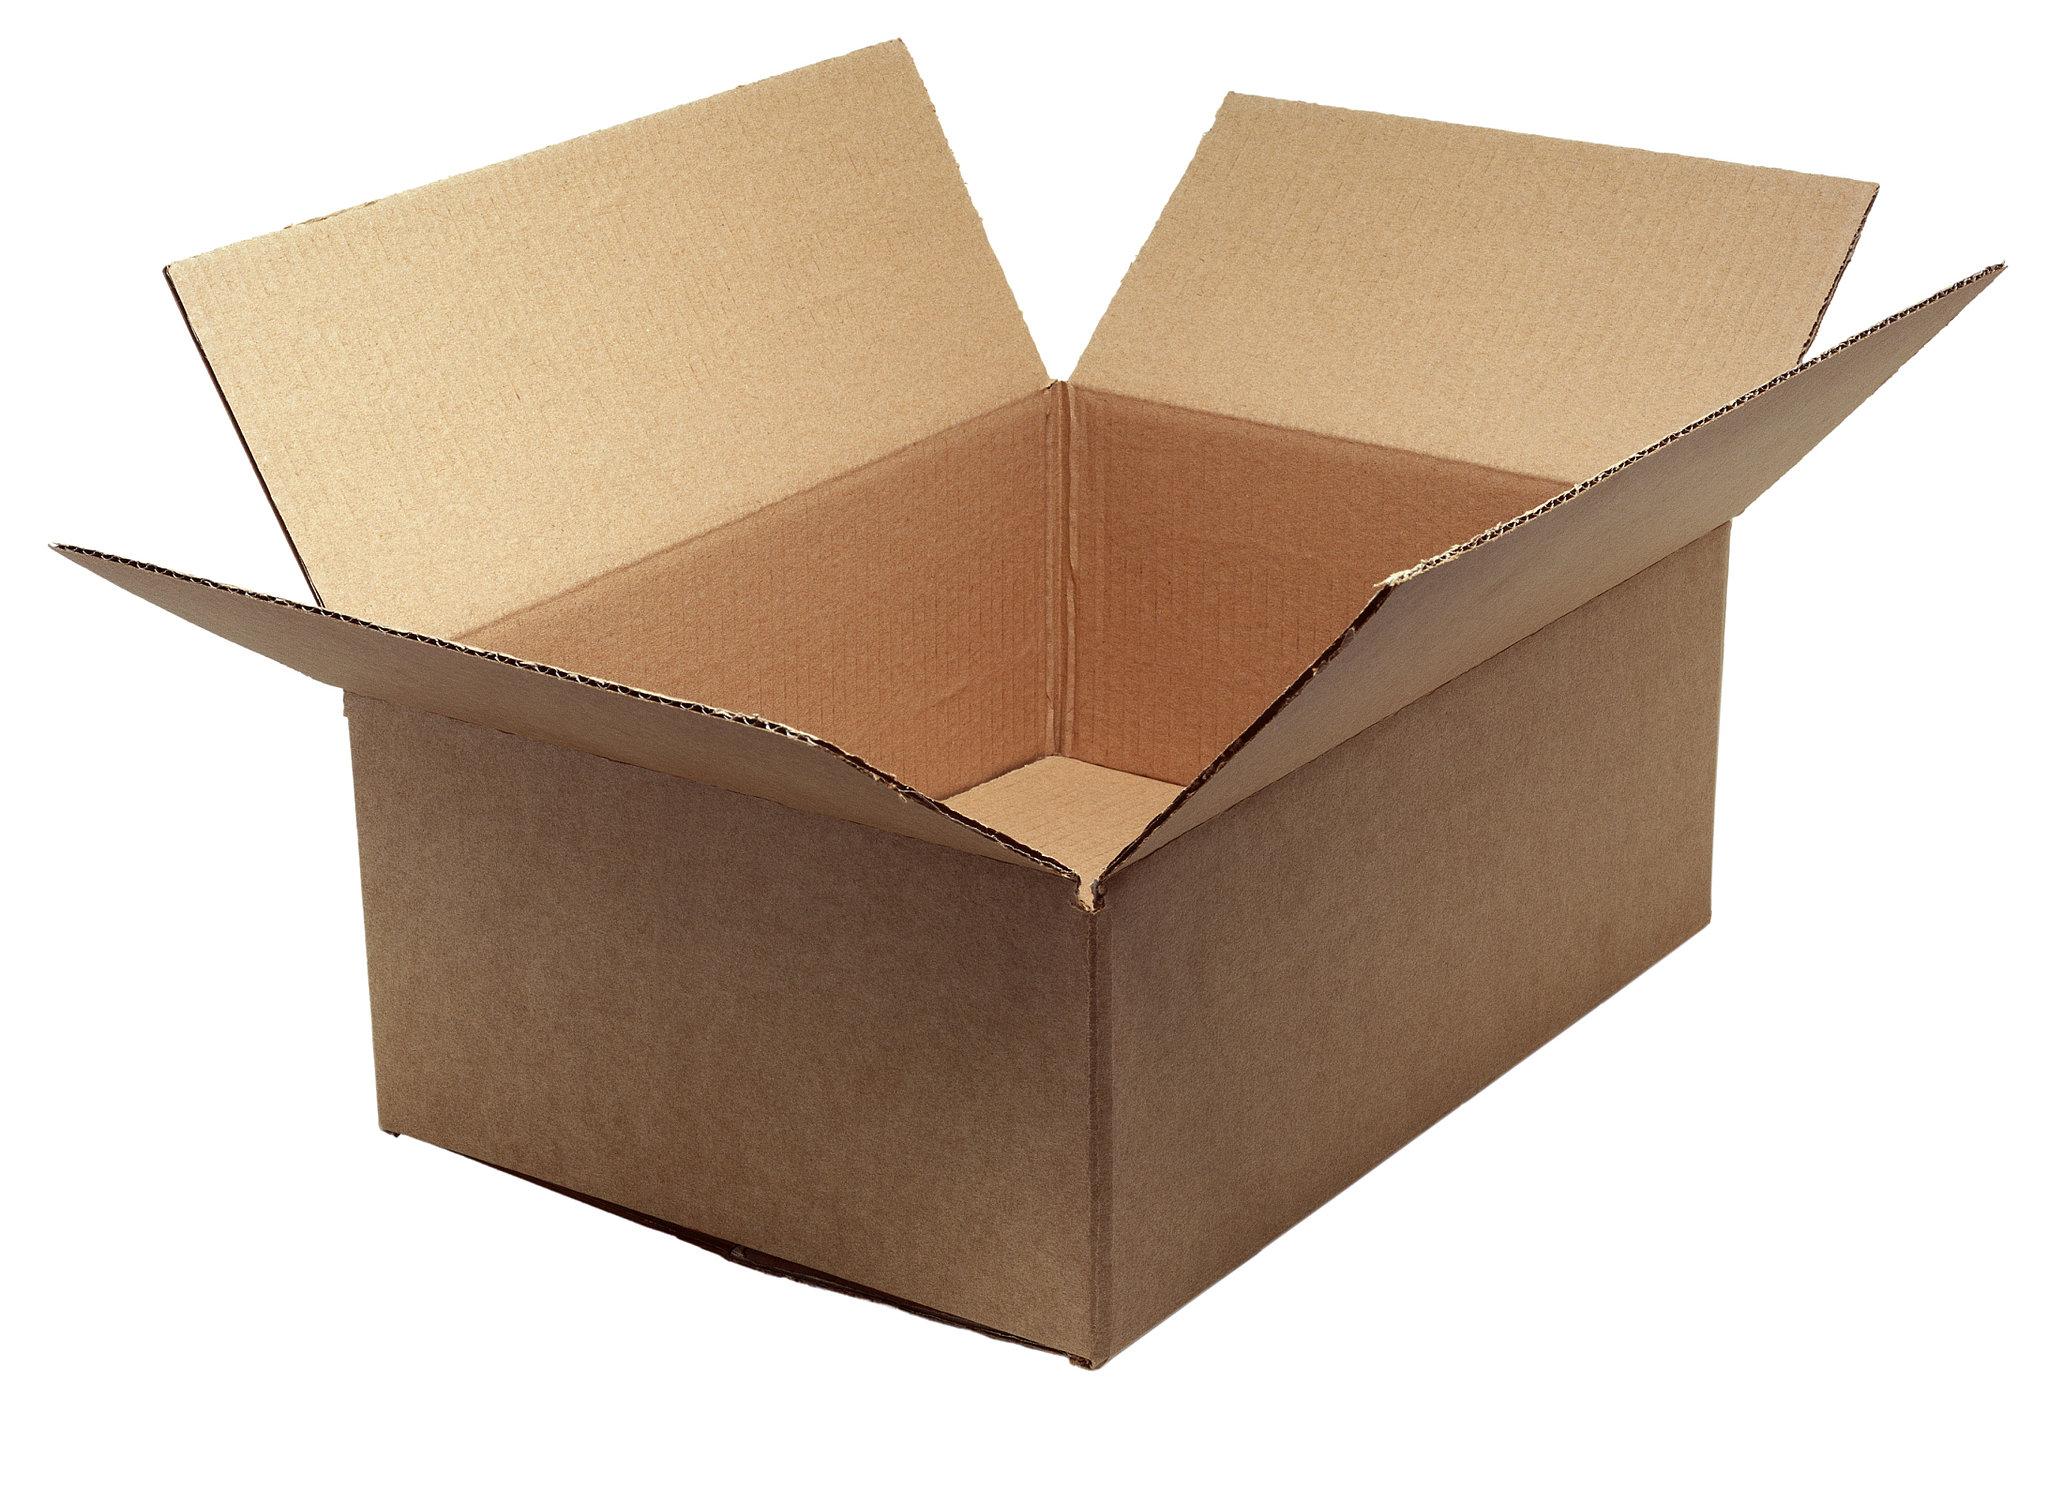 Have Fun With a Cardboard Box